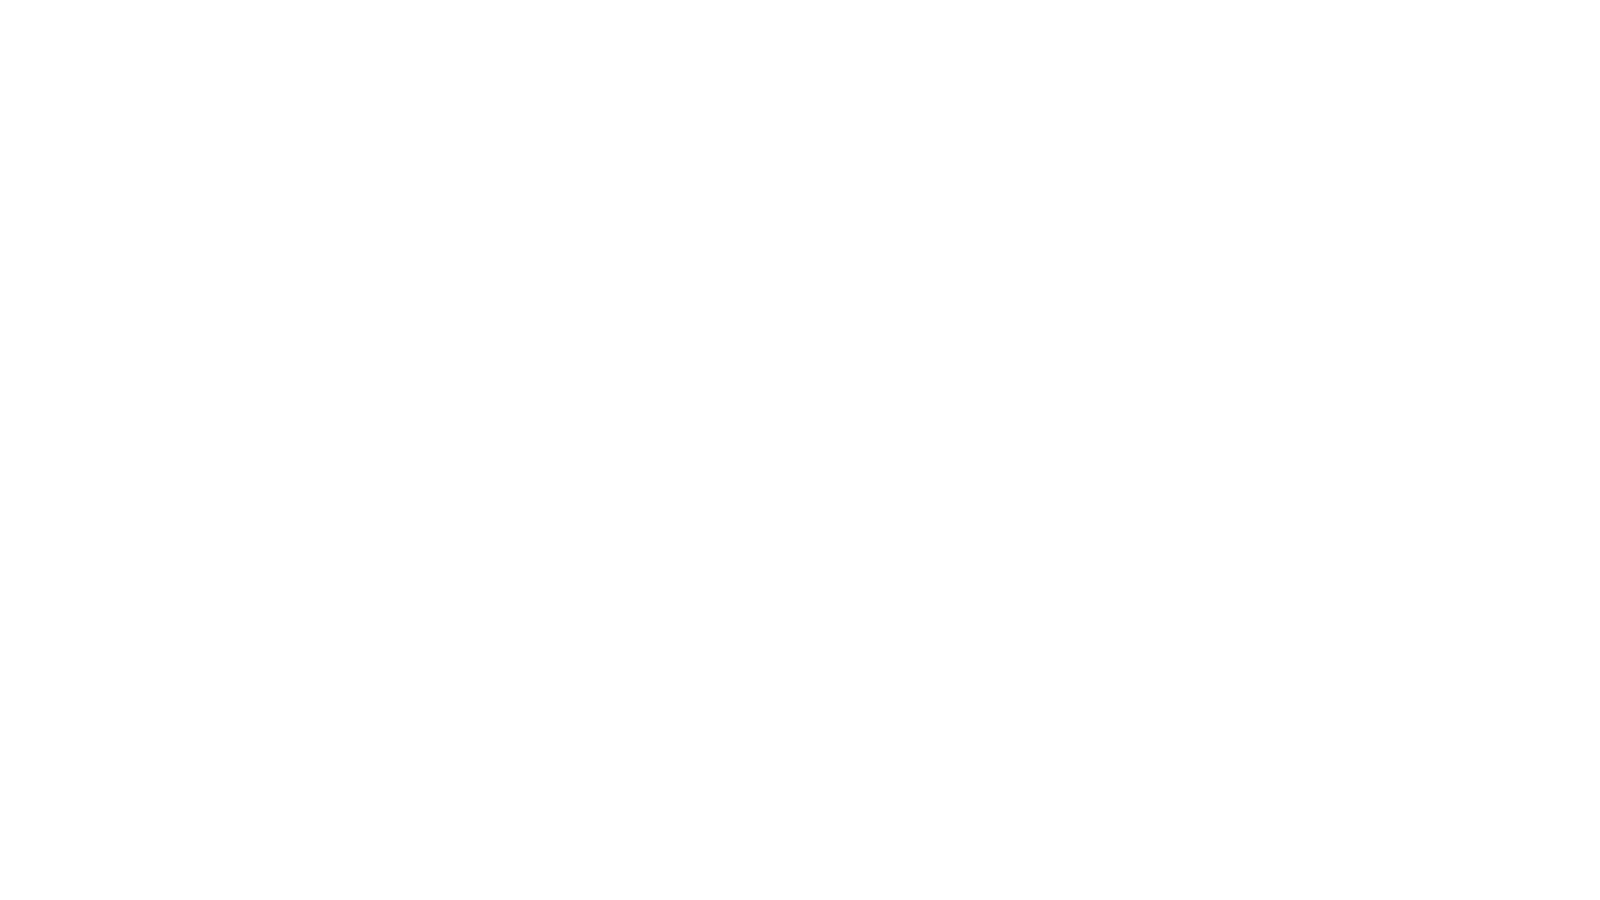 """Priscilla interpretada por Naiara Aznar  Síguenos en: Instagram: https://www.instagram.com/alaskaontour_/ Facebook: https://www.facebook.com/alaskaontour2021  Cantante:  NAIARA AZNAR  Cuerpo de baile: NOELIA GOBEA - ROCÍO MARGÓN - ANA UCEA - AYELÉN GAUNA. Coreógrafa: CUCA PON. Director musical: J. Mª BERDEJO  Ritmo: KIKE CASANOVA - NACHO ABRIL - LUIS D. GONZALEZ Metales: J.R COELLO """"POCHI"""" - DANIEL ULIAQUE - SERGIO BIENZOBAS - HECTOR TICO"""